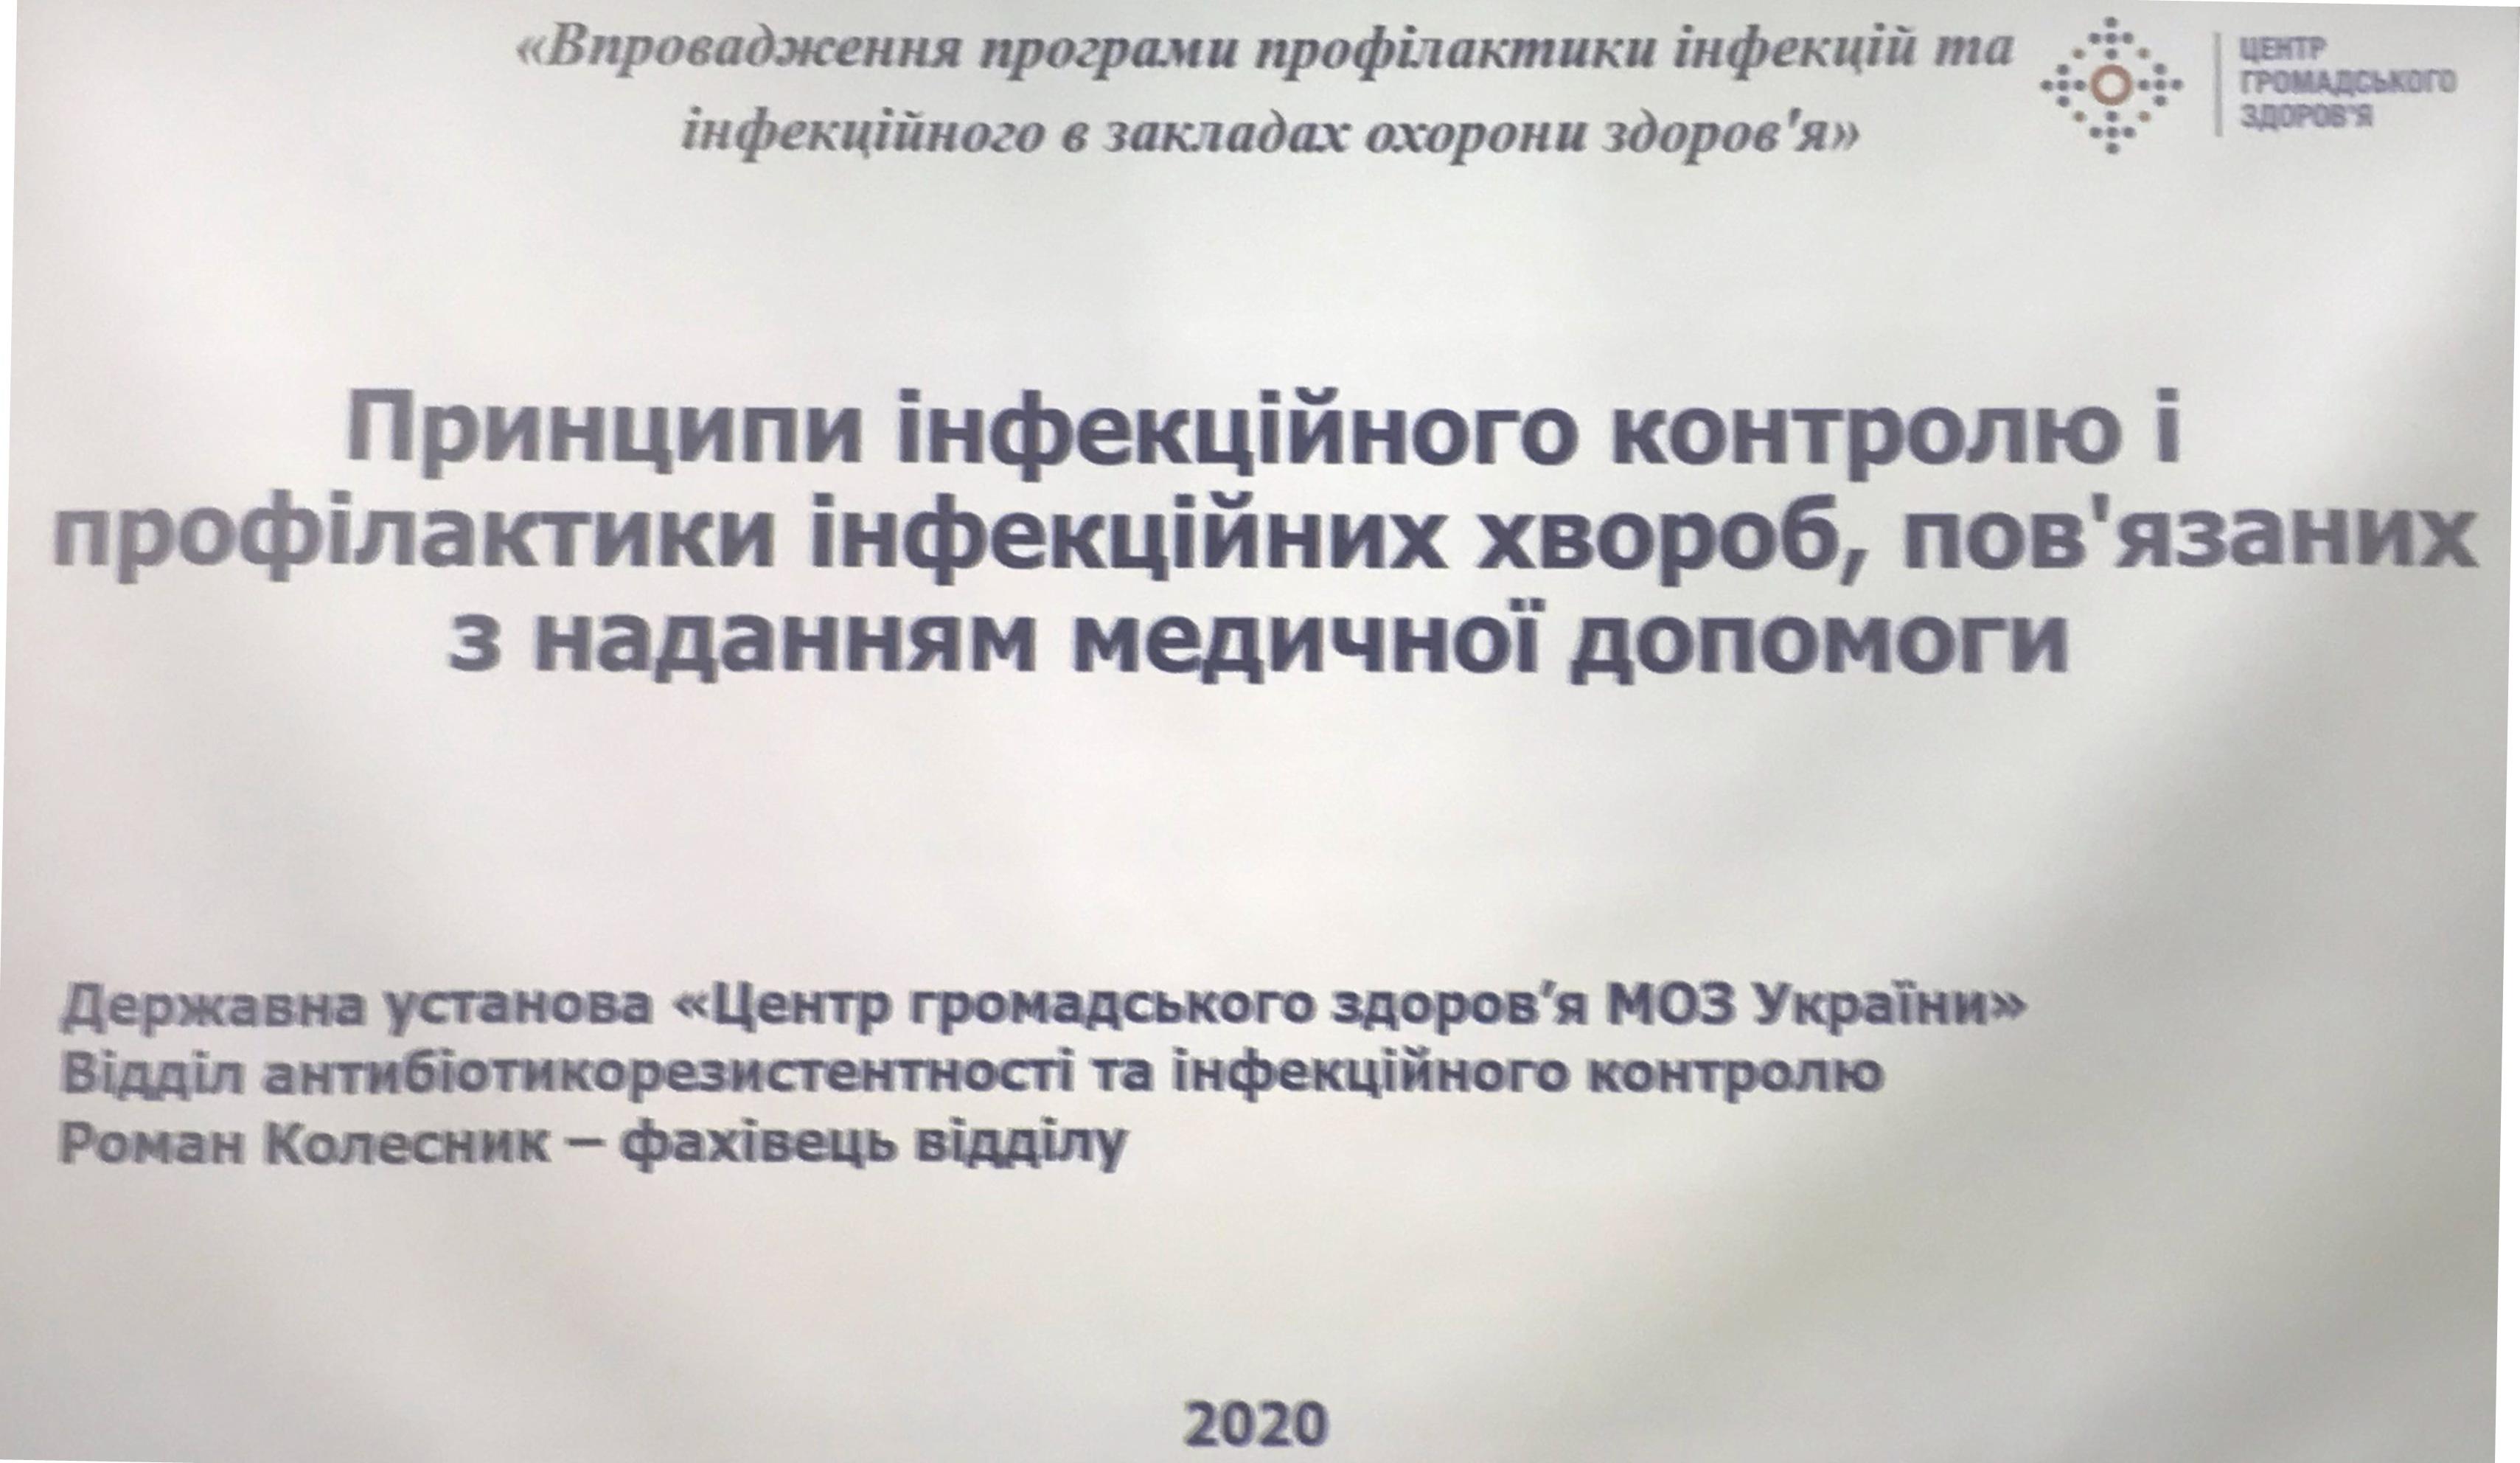 Сьогодні, 20.10.2020 року відбувся тренінг «Профілактика інфекцій та інфекційний контроль в закладах охорони здоров'я».